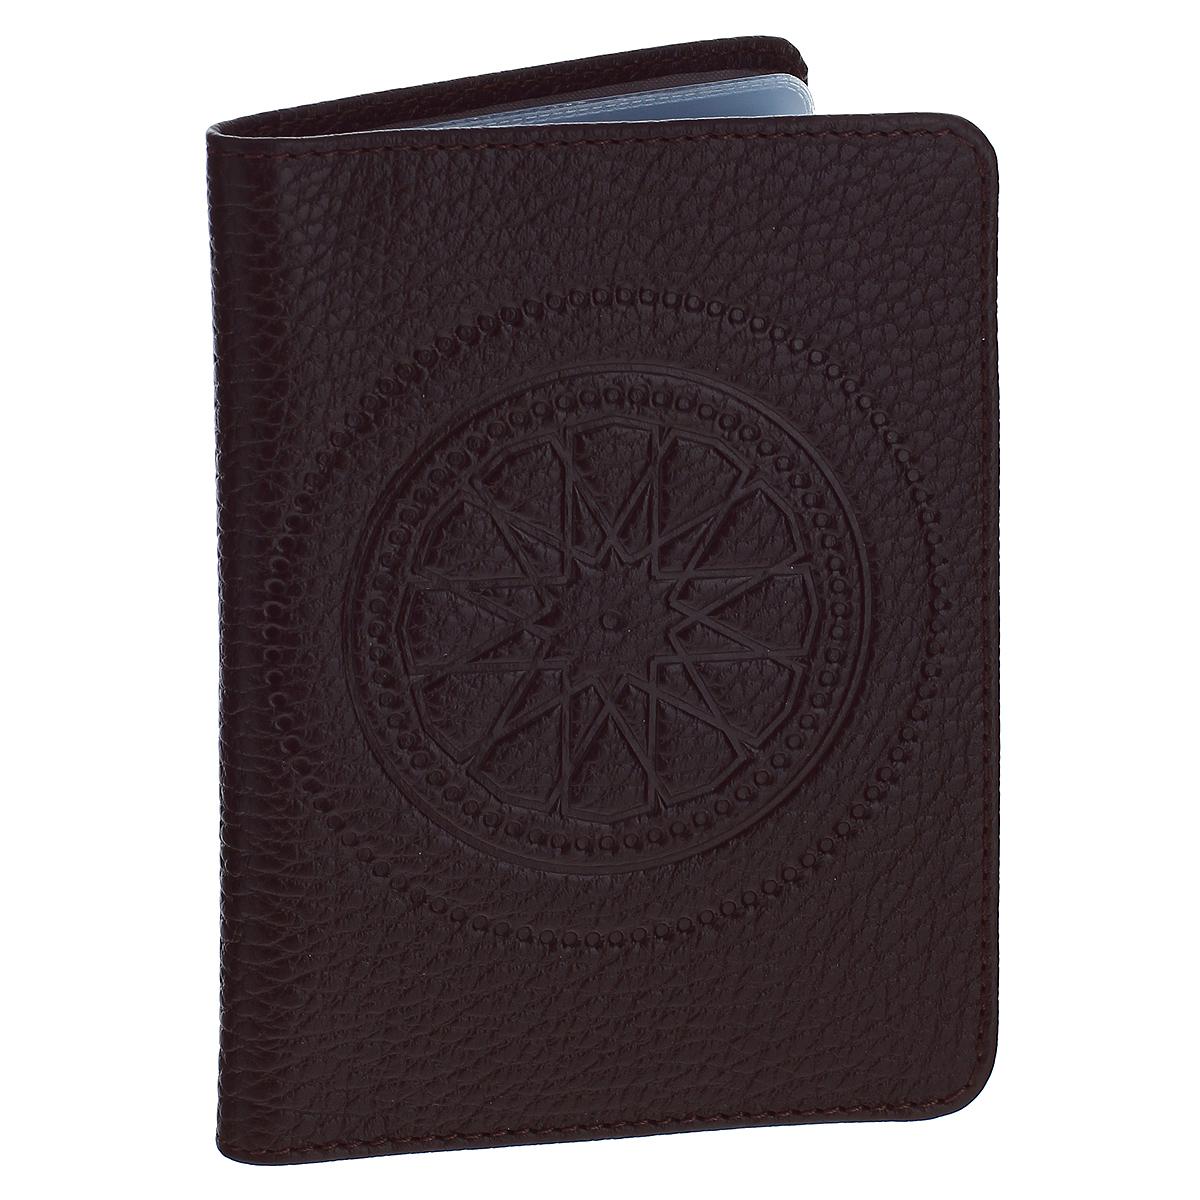 Бумажник водителя Askent Talisman, цвет: шоколадный. BV.66.SNBV.66.SN. шоколадныйБумажник водителя Askent Talisman выполнен из натуральной кожи с декоративным тиснениемв виде талисмана. На внутреннем развороте имеет два кармана: глубокий вертикальный карман из кожи с 4 прорезными карманами для кредитных карт и карман из прозрачного пластика. Внутренний блок для водительских документов из прозрачного пластика (6 карманов).Такой бумажник станет отличным подарком для человека, ценящего качественные и необычные вещи.